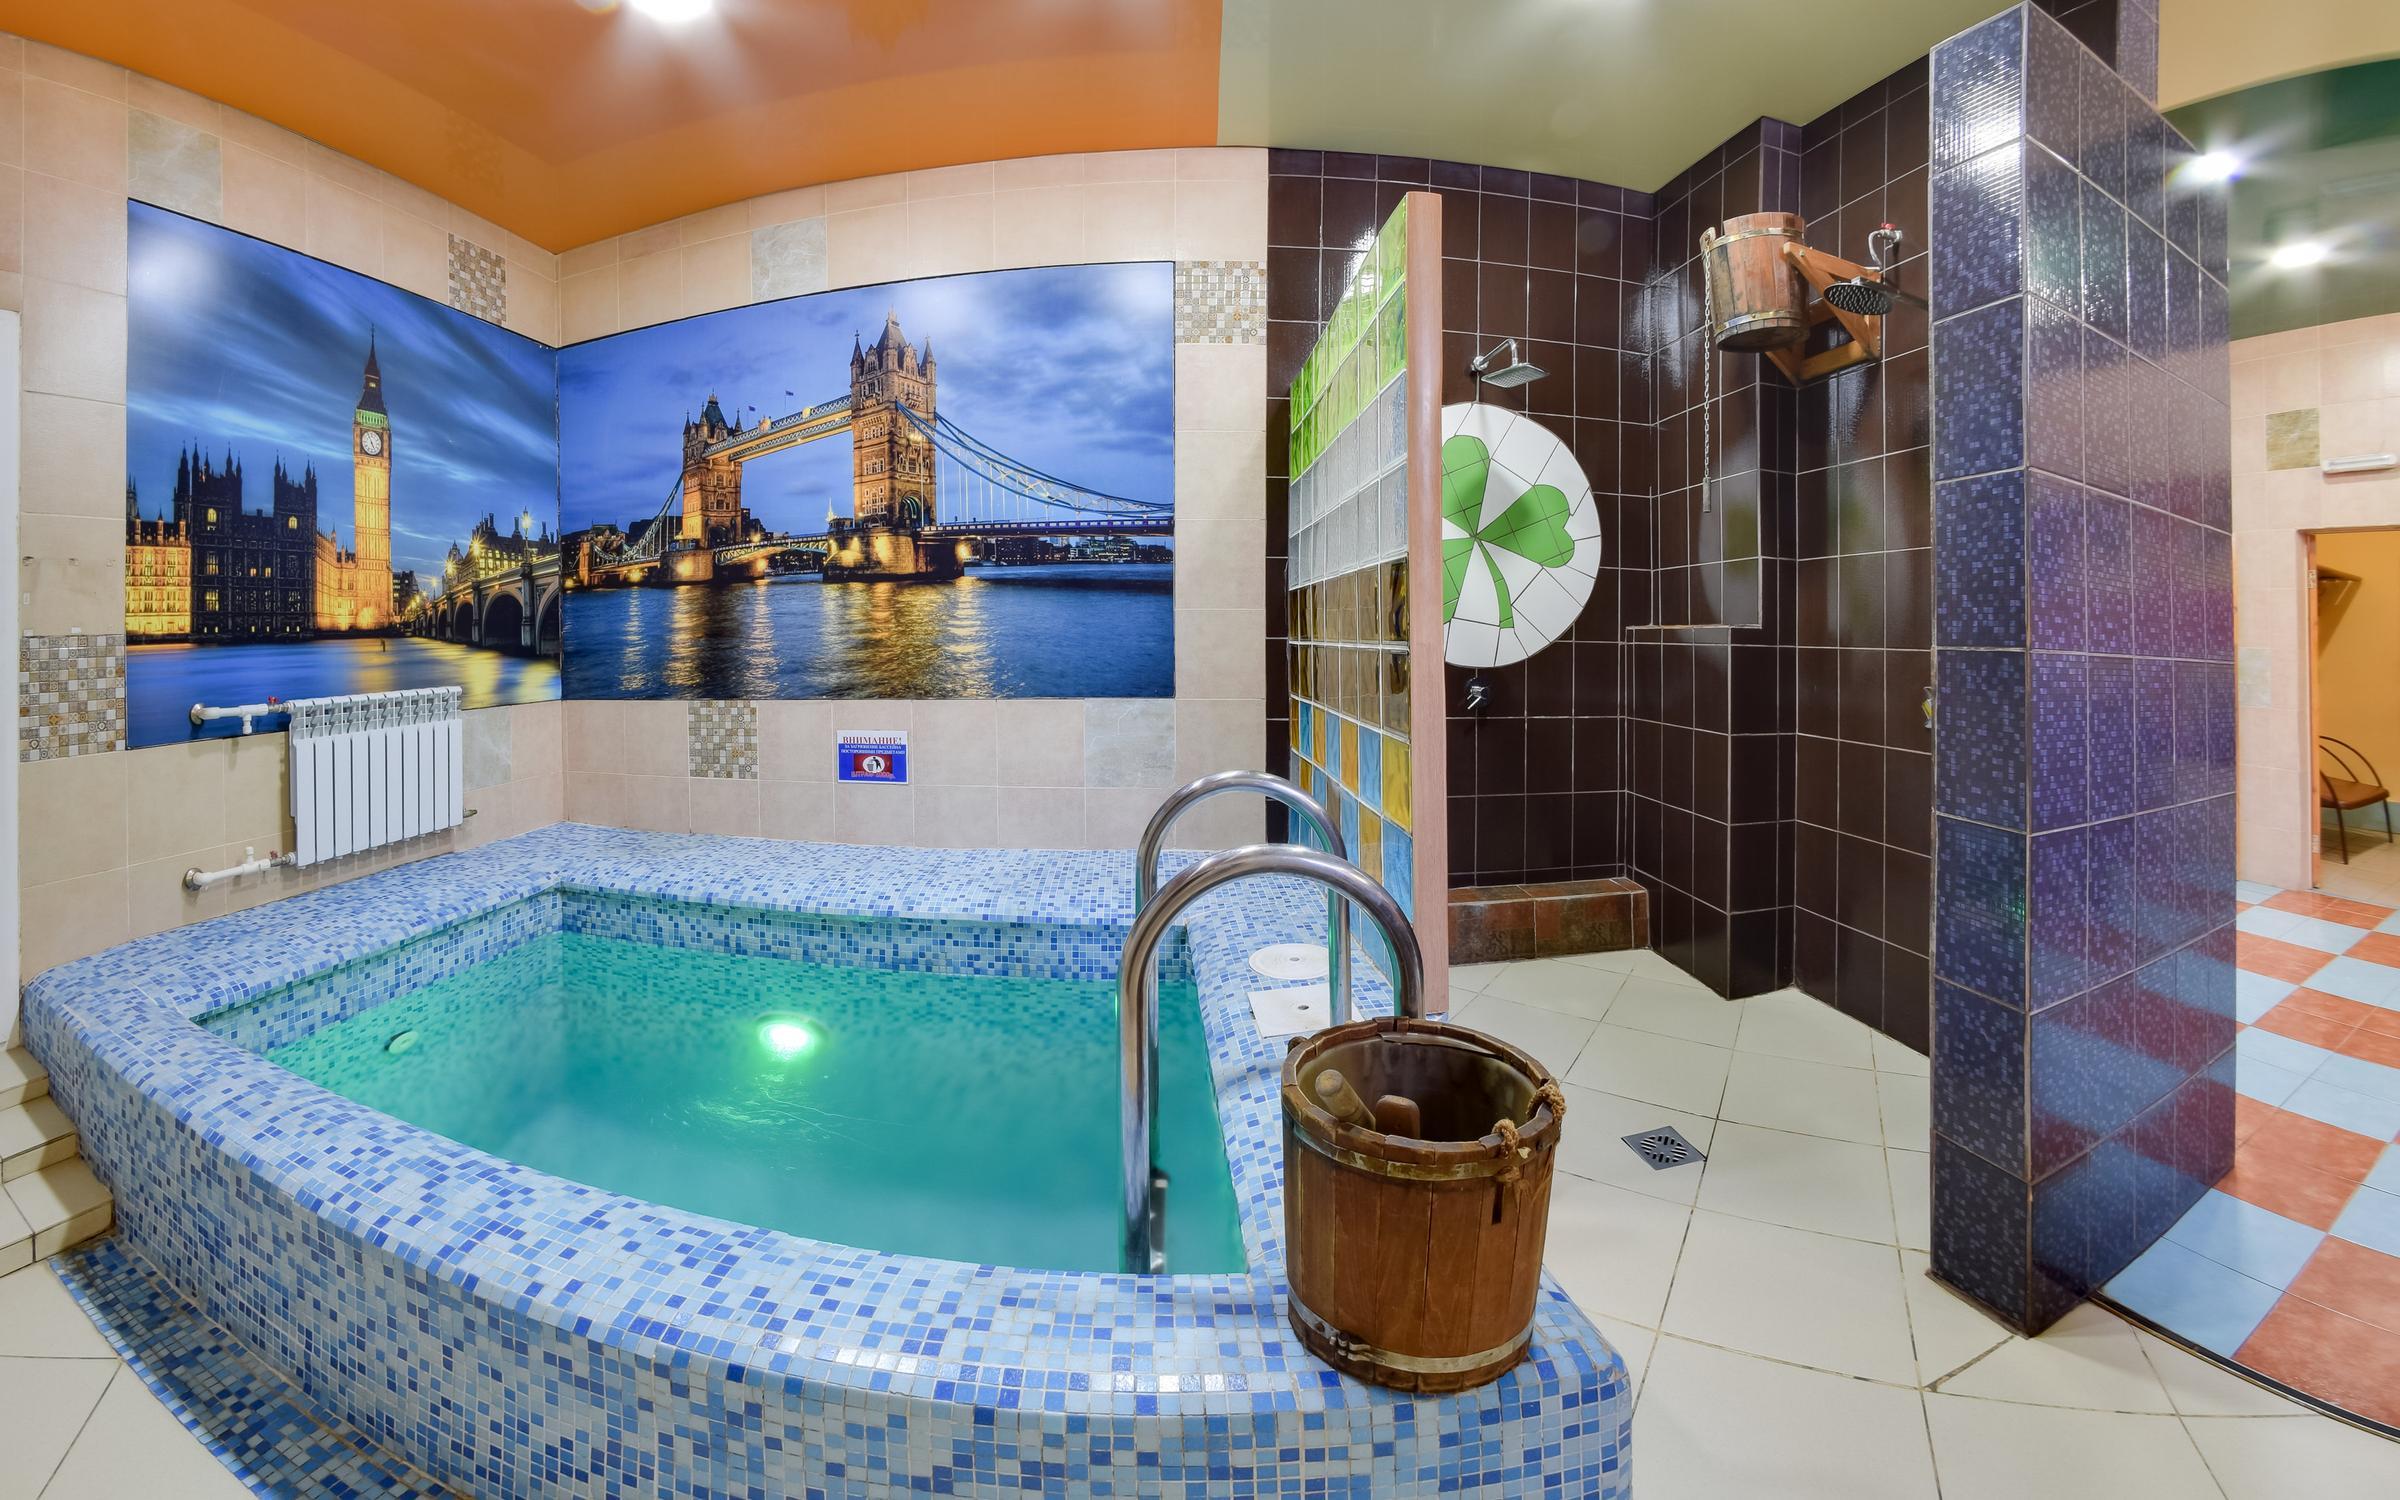 фотография Банно-гостиничного комплекса Жар-Птица на 14 Линии